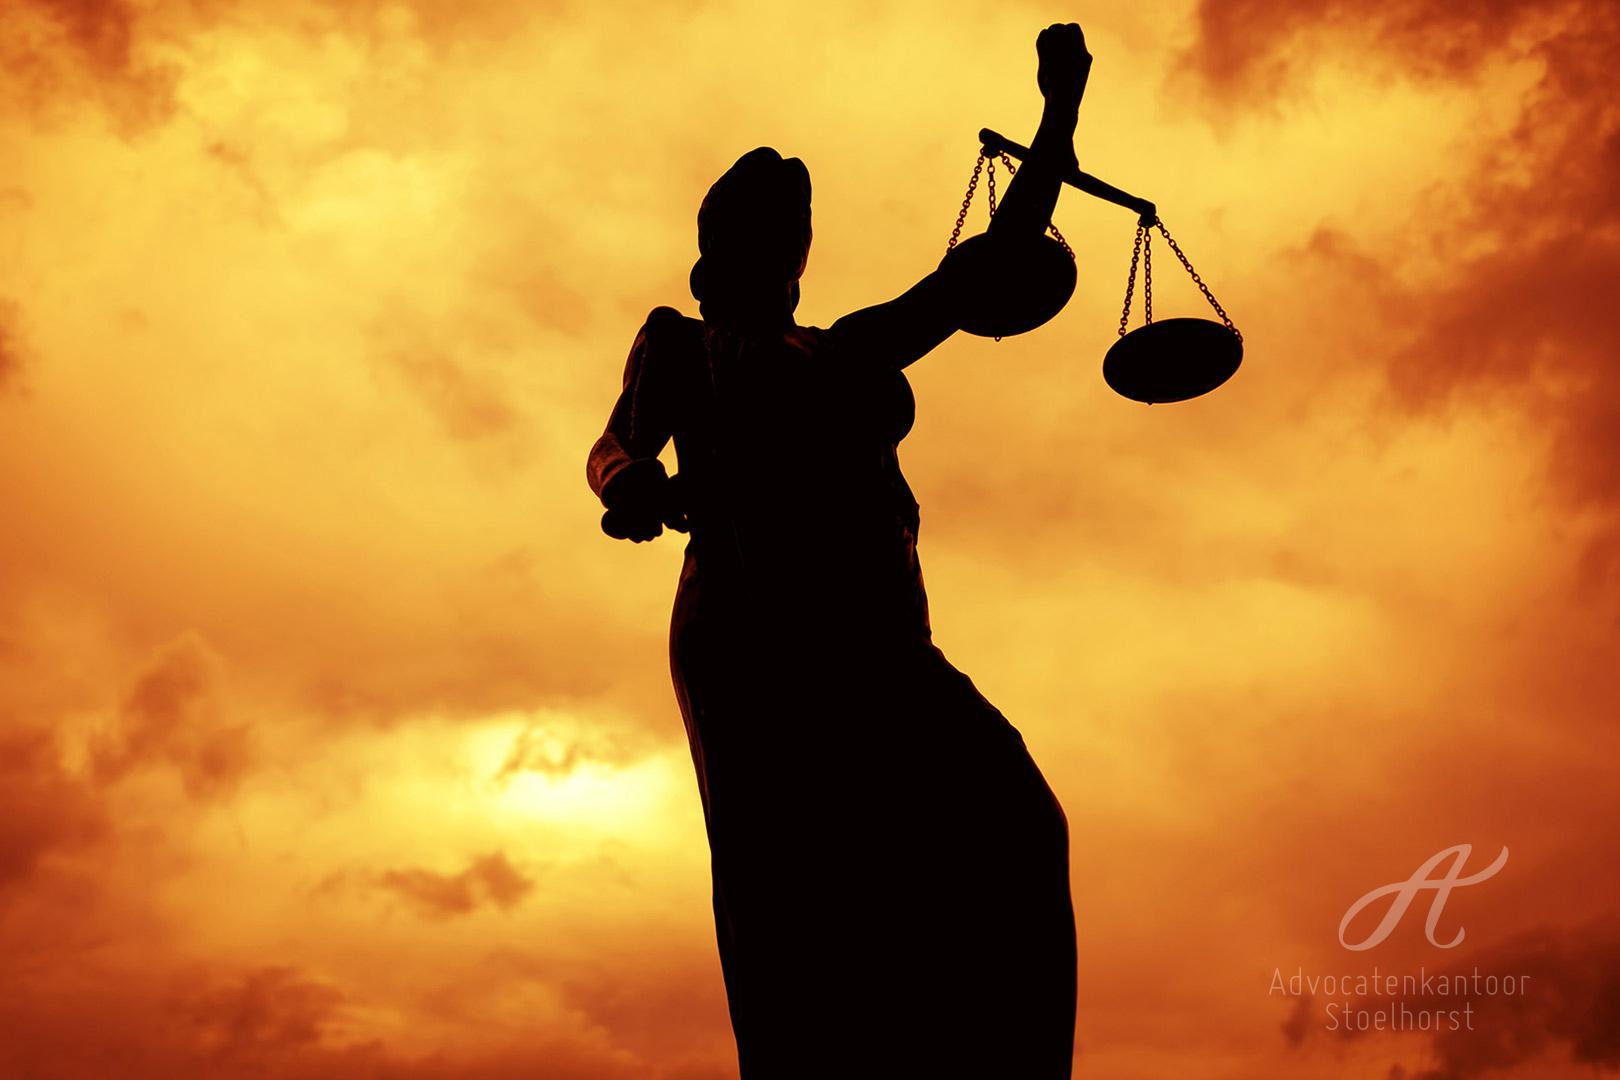 Advocatenkantoor Stoelhorst_beeldmateriaal1